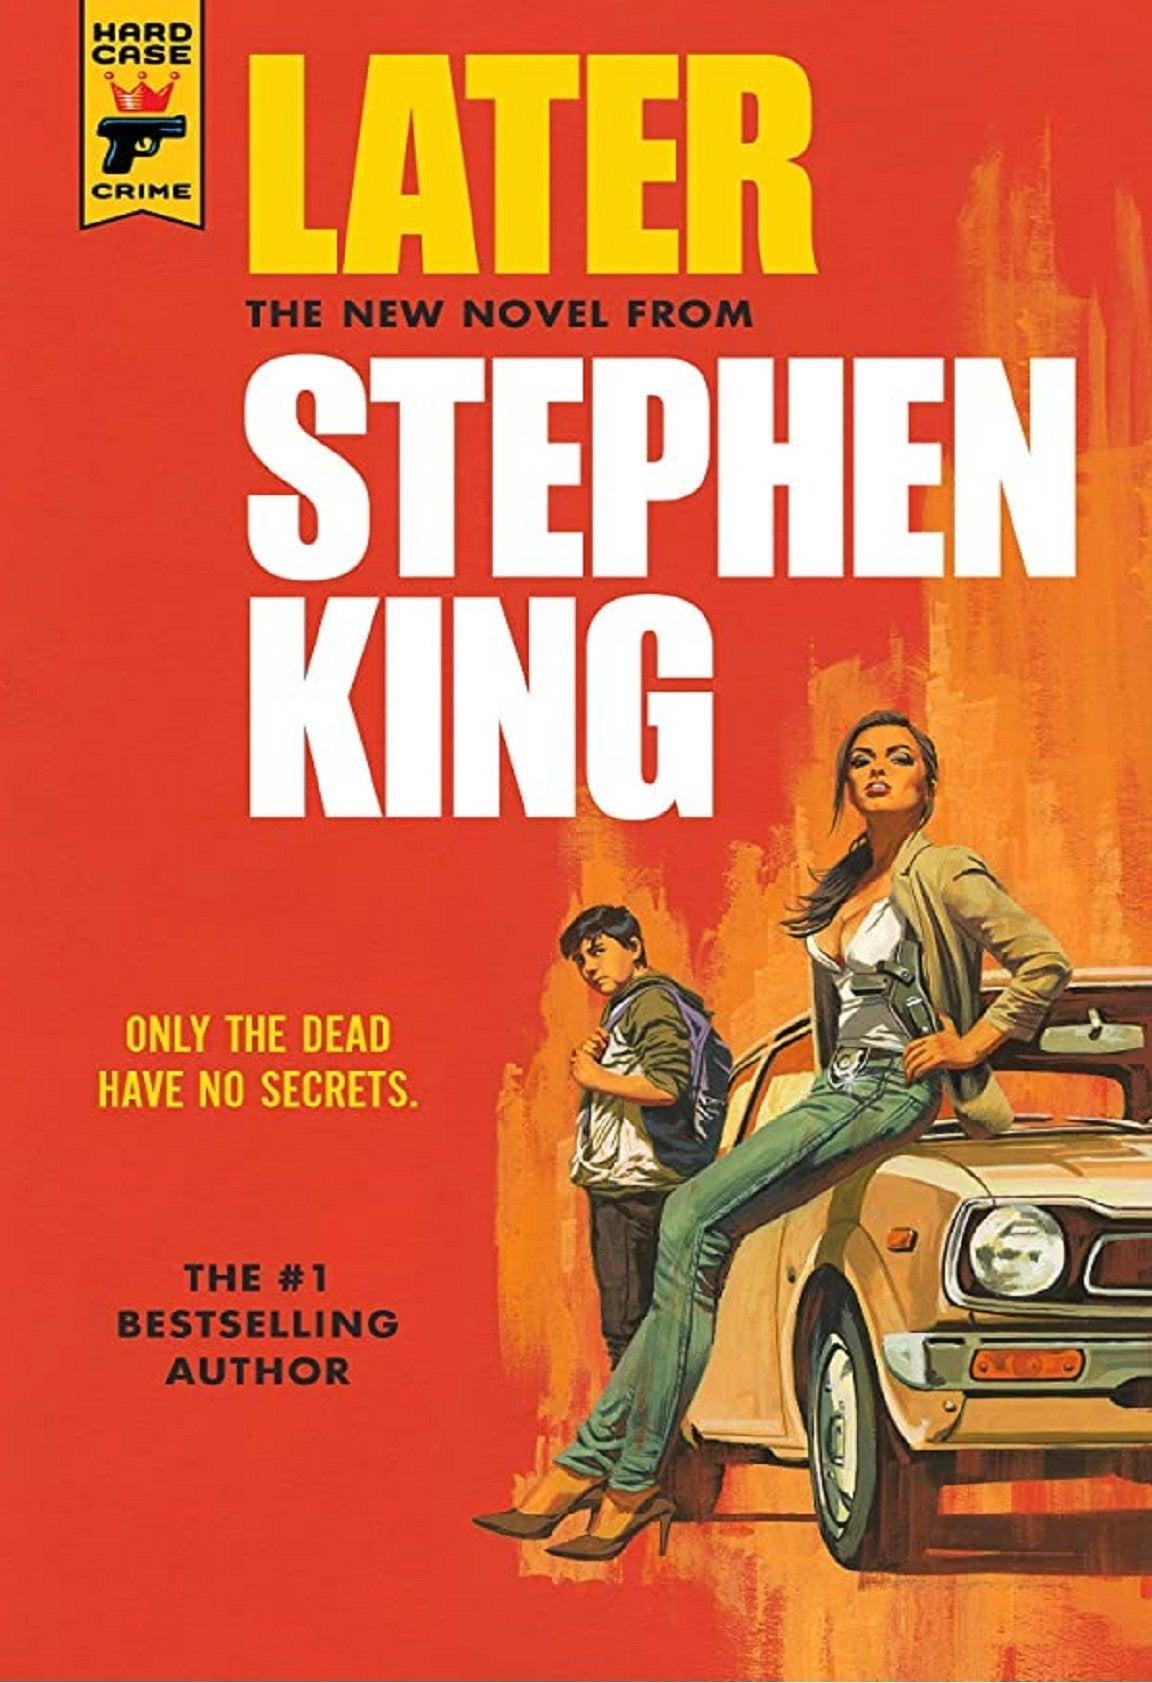 stephen king later novel cover